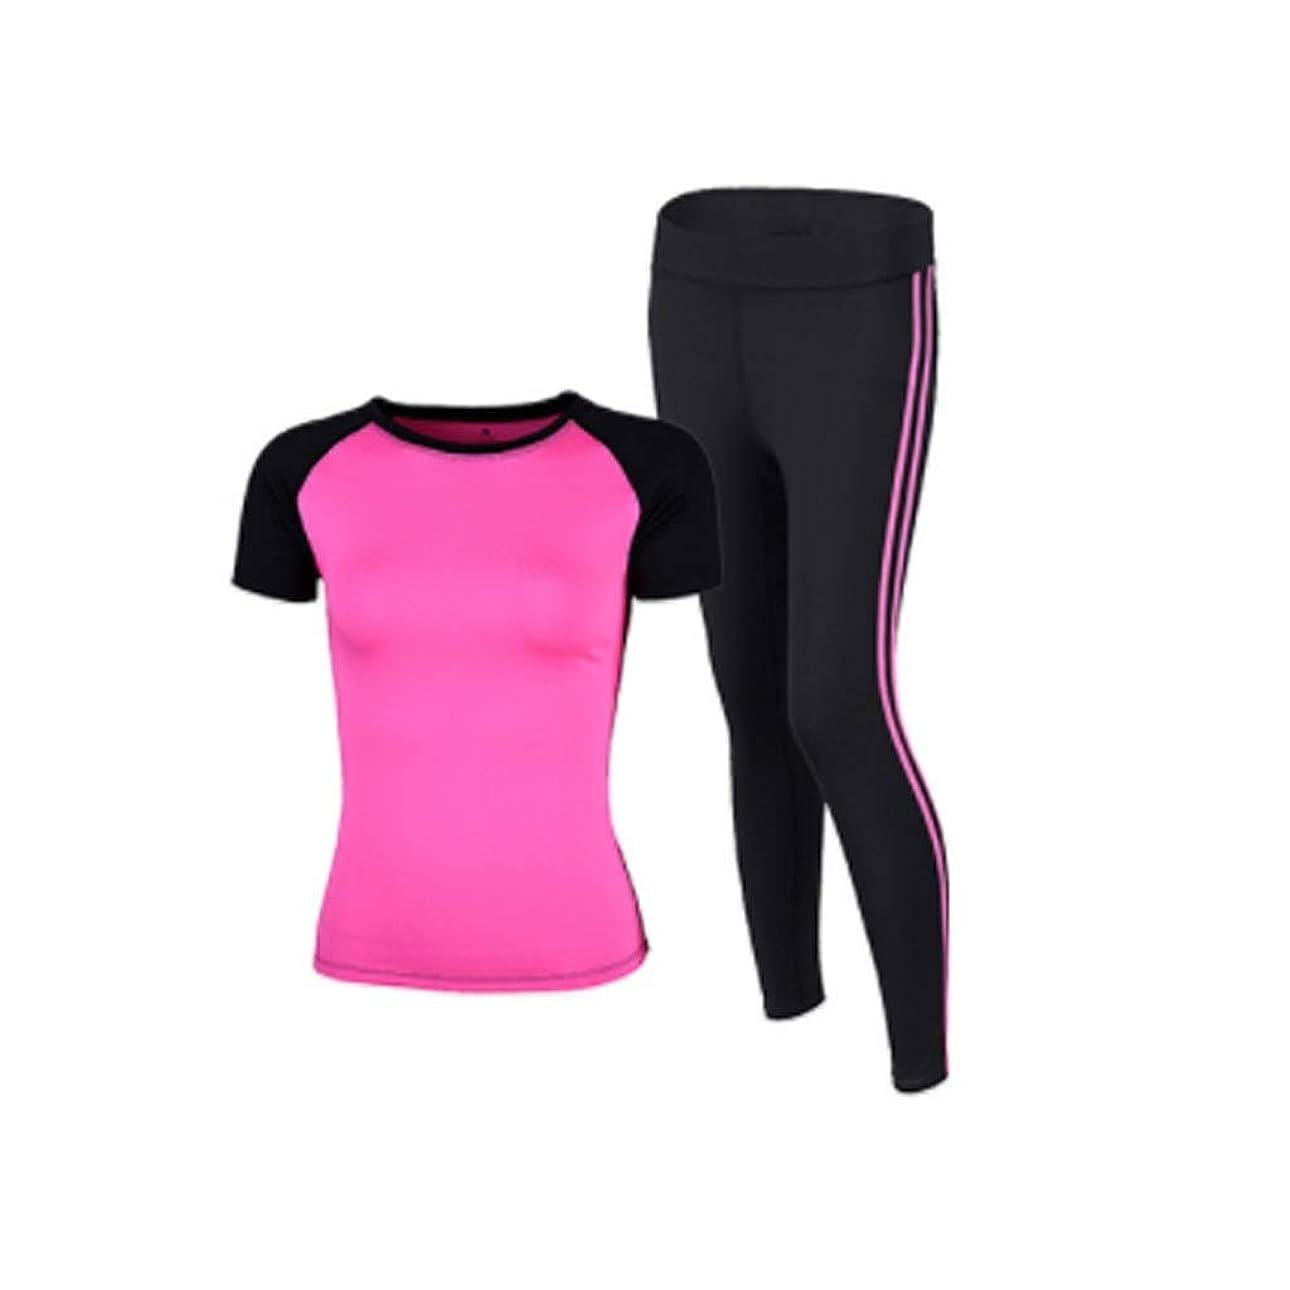 兵士洗う反応するスポーツウェア速乾性のある半袖ヨガの服ツーピースランニングスーツ (Color : Pink, Size : L)